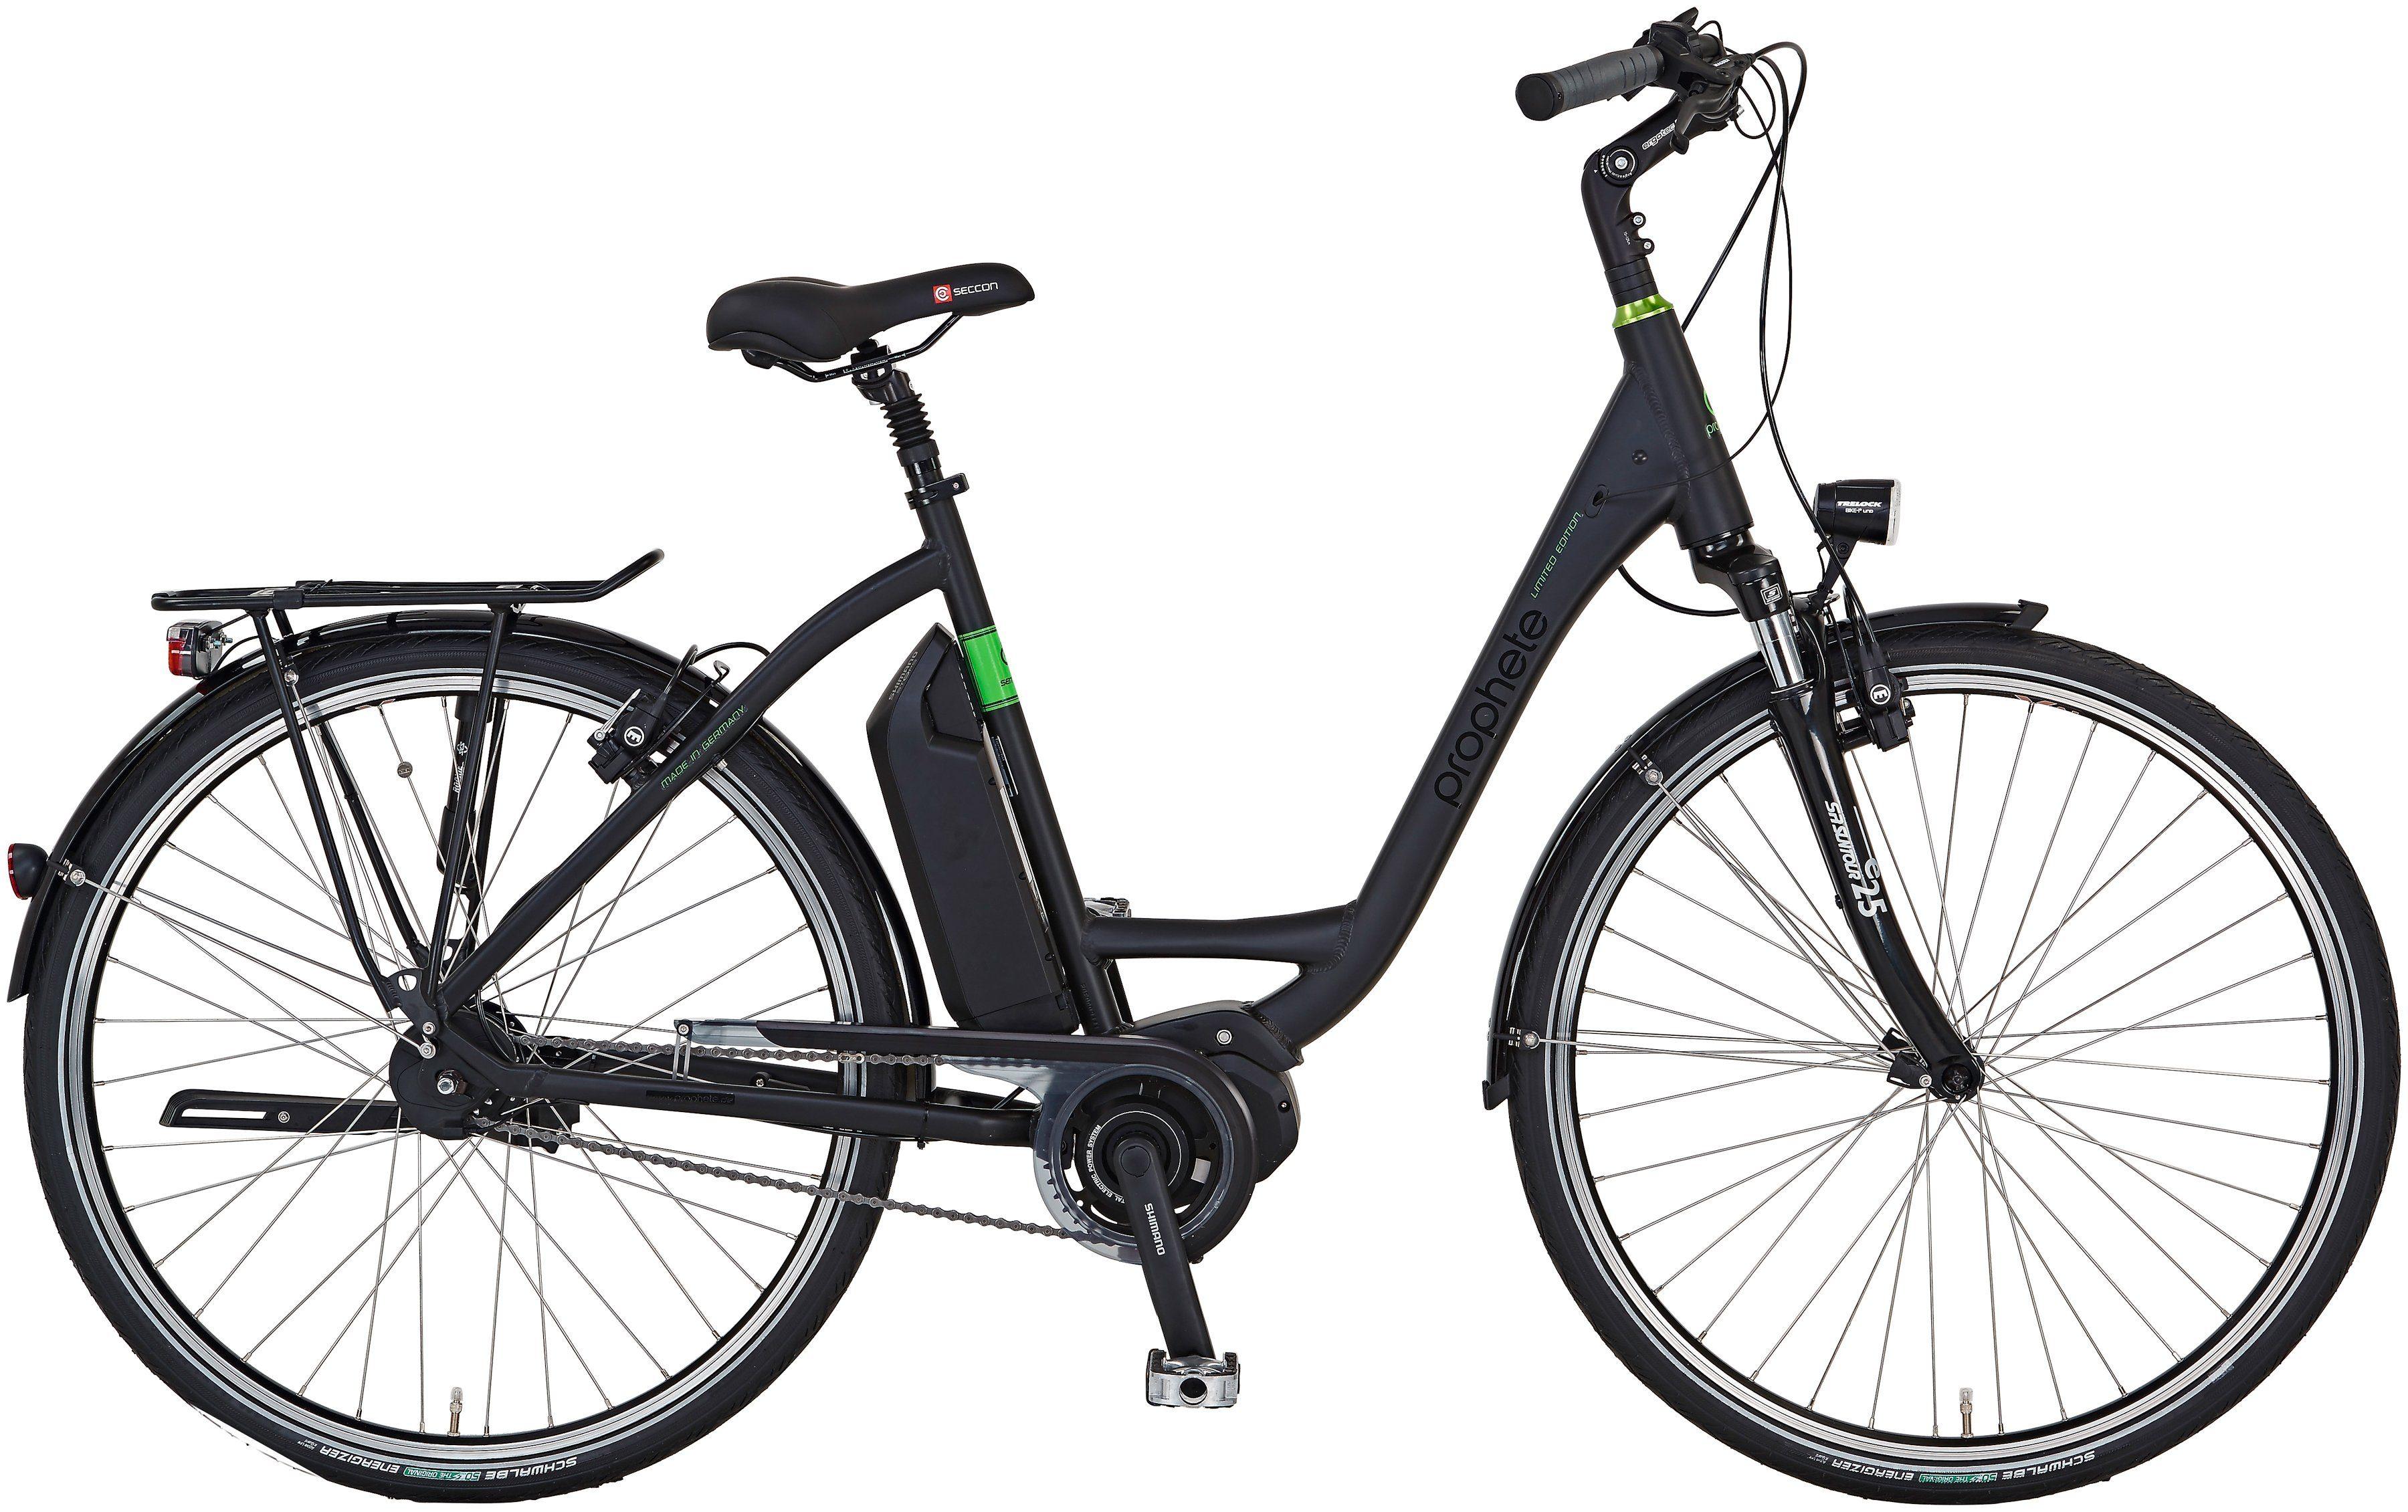 Prophete E-Bike City Damen »SHIMANO STEPS«, 28 Zoll, 8-Gang, Mittelmotor, 417 Wh, RH52